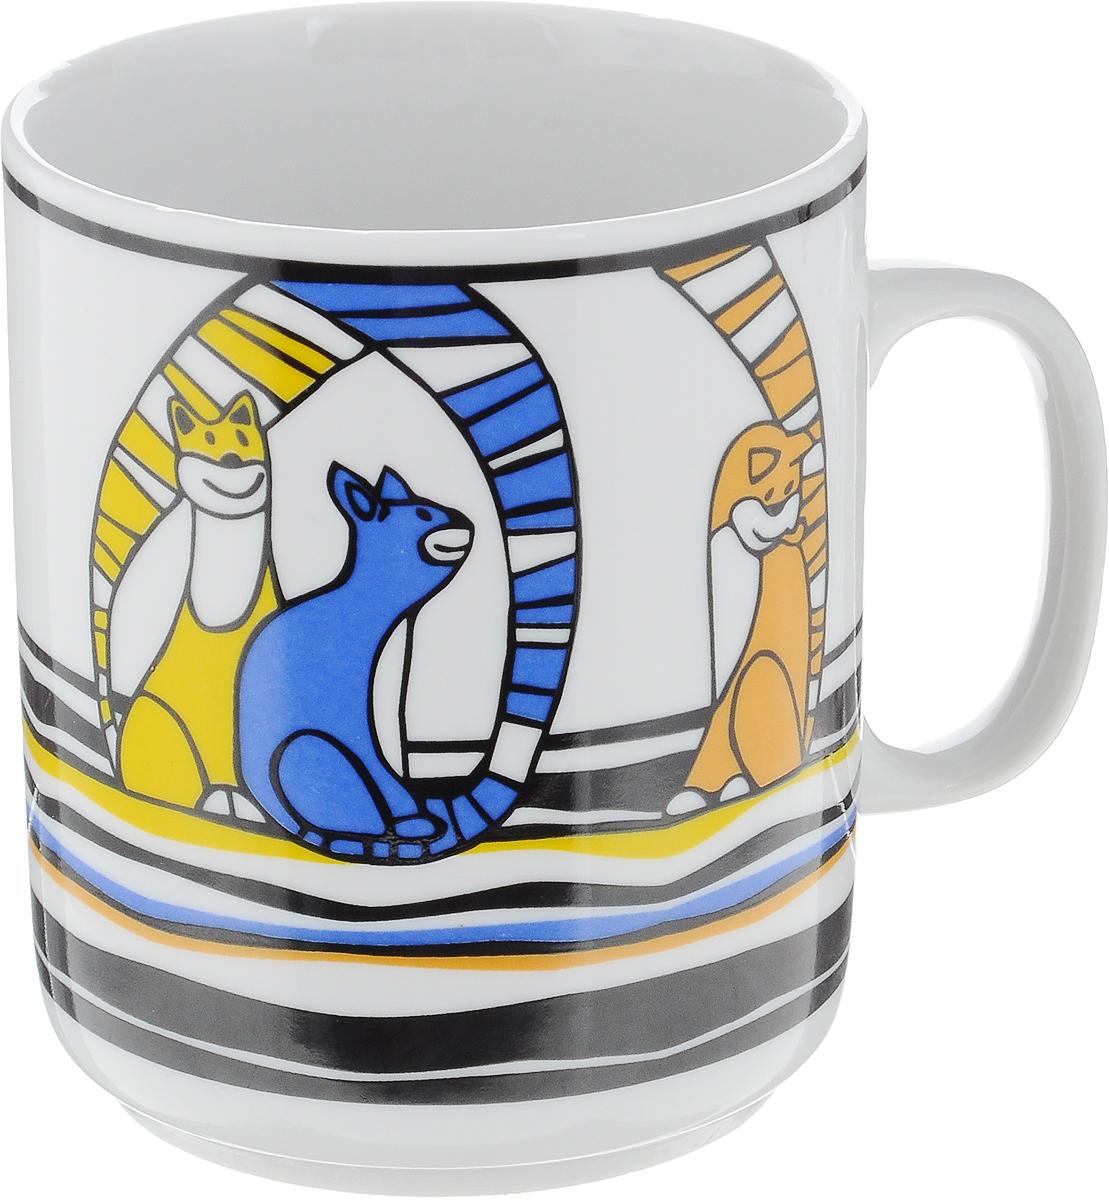 Кружка Фарфор Вербилок Коты, цвет: оранжевый, синий, желтый, 300 мл9272480_оранжевый, синий, желтыйКружка Фарфор Вербилок Коты, цвет: оранжевый, синий, желтый, 300 мл